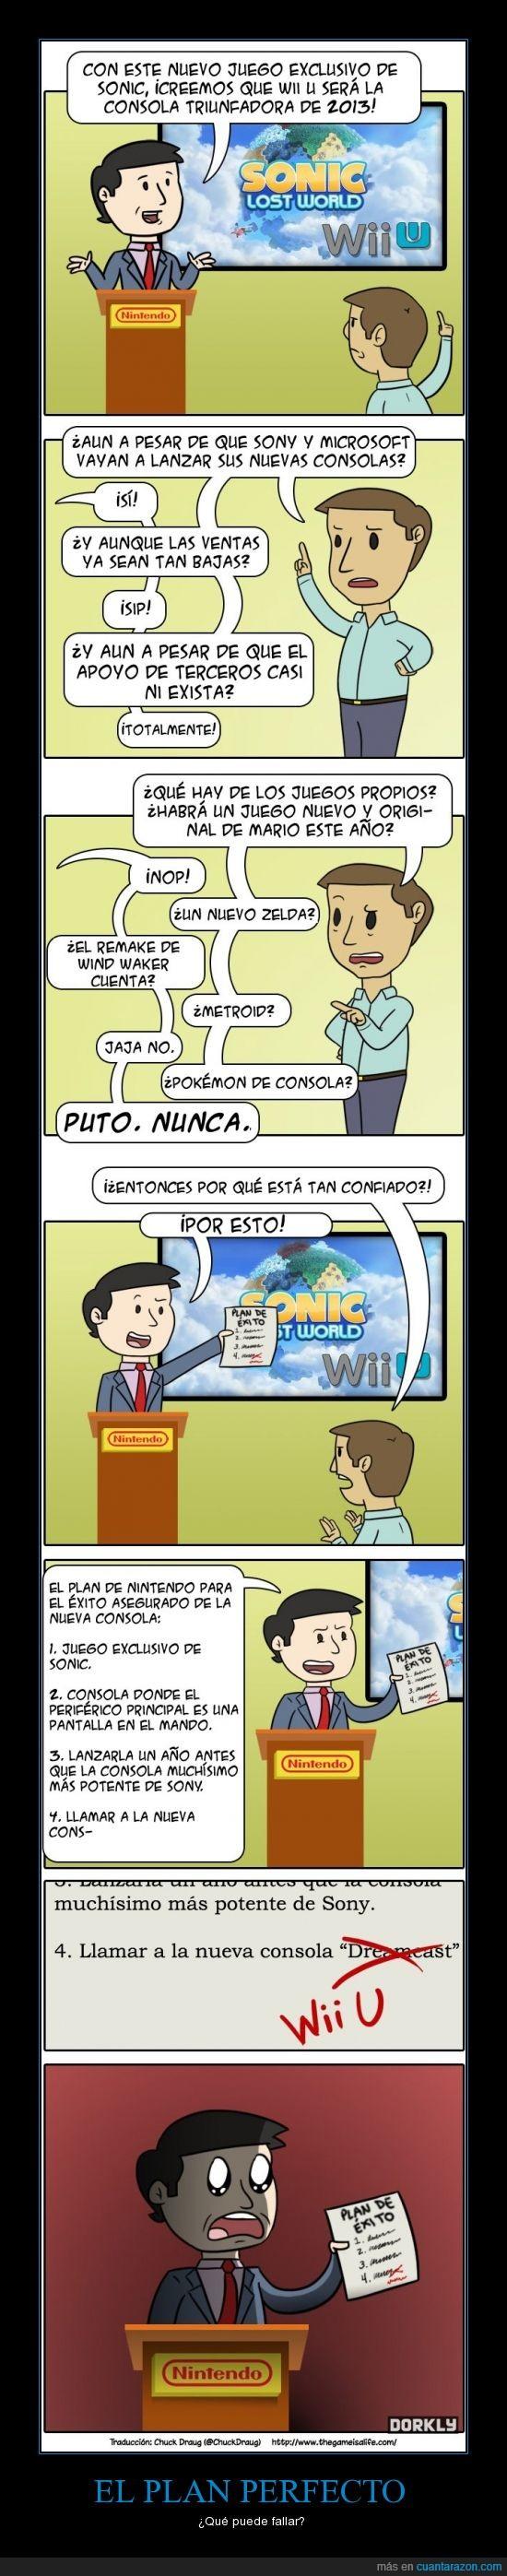 Dreamcast,éxito,Nintendo,playstation,Sega,Sonic,ventas,Wii U